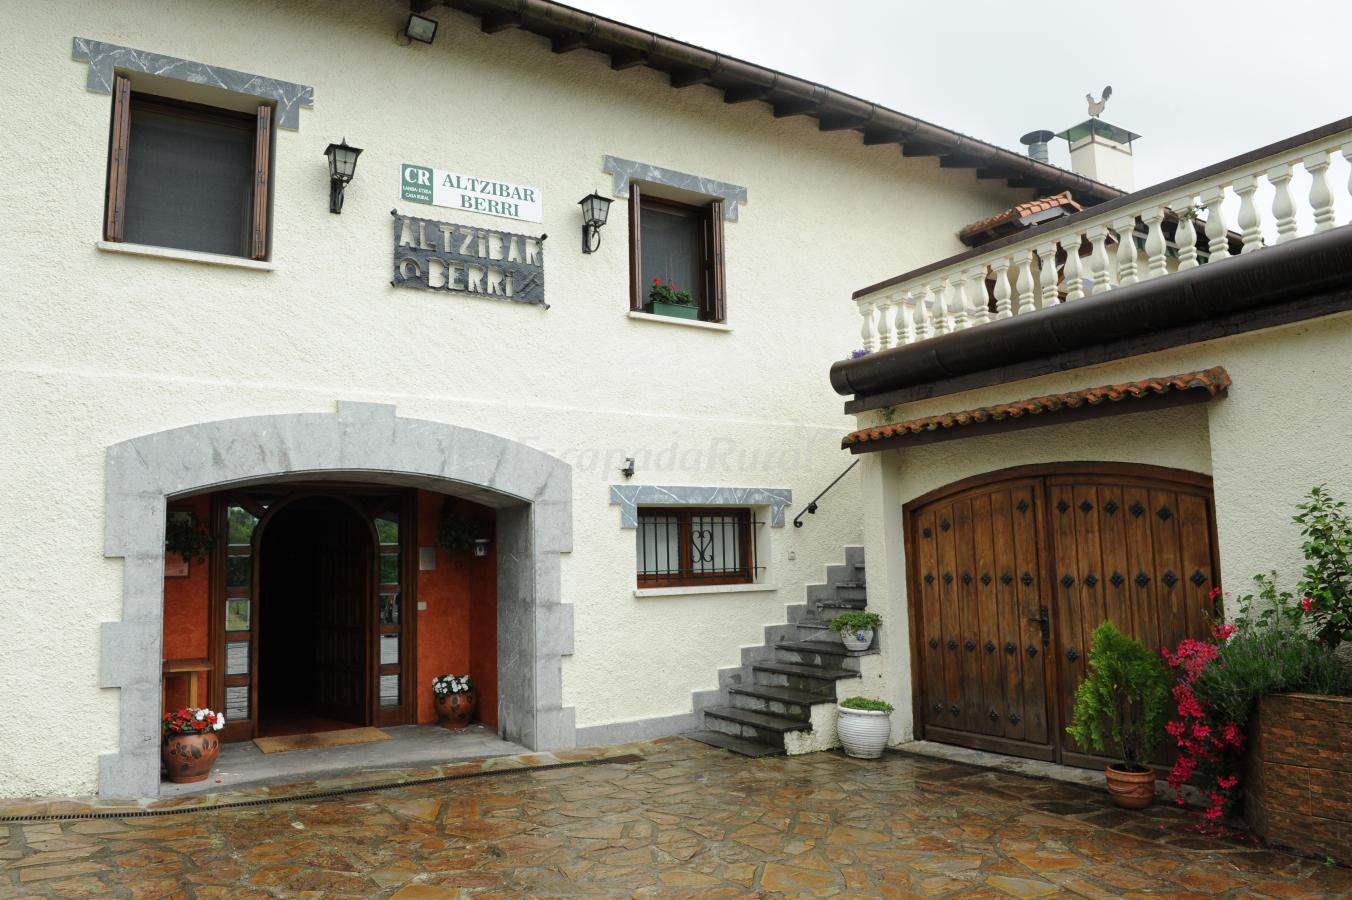 Fotos de altzibar berri casa rural en urnieta guip zcoa - Casa rural urnieta ...